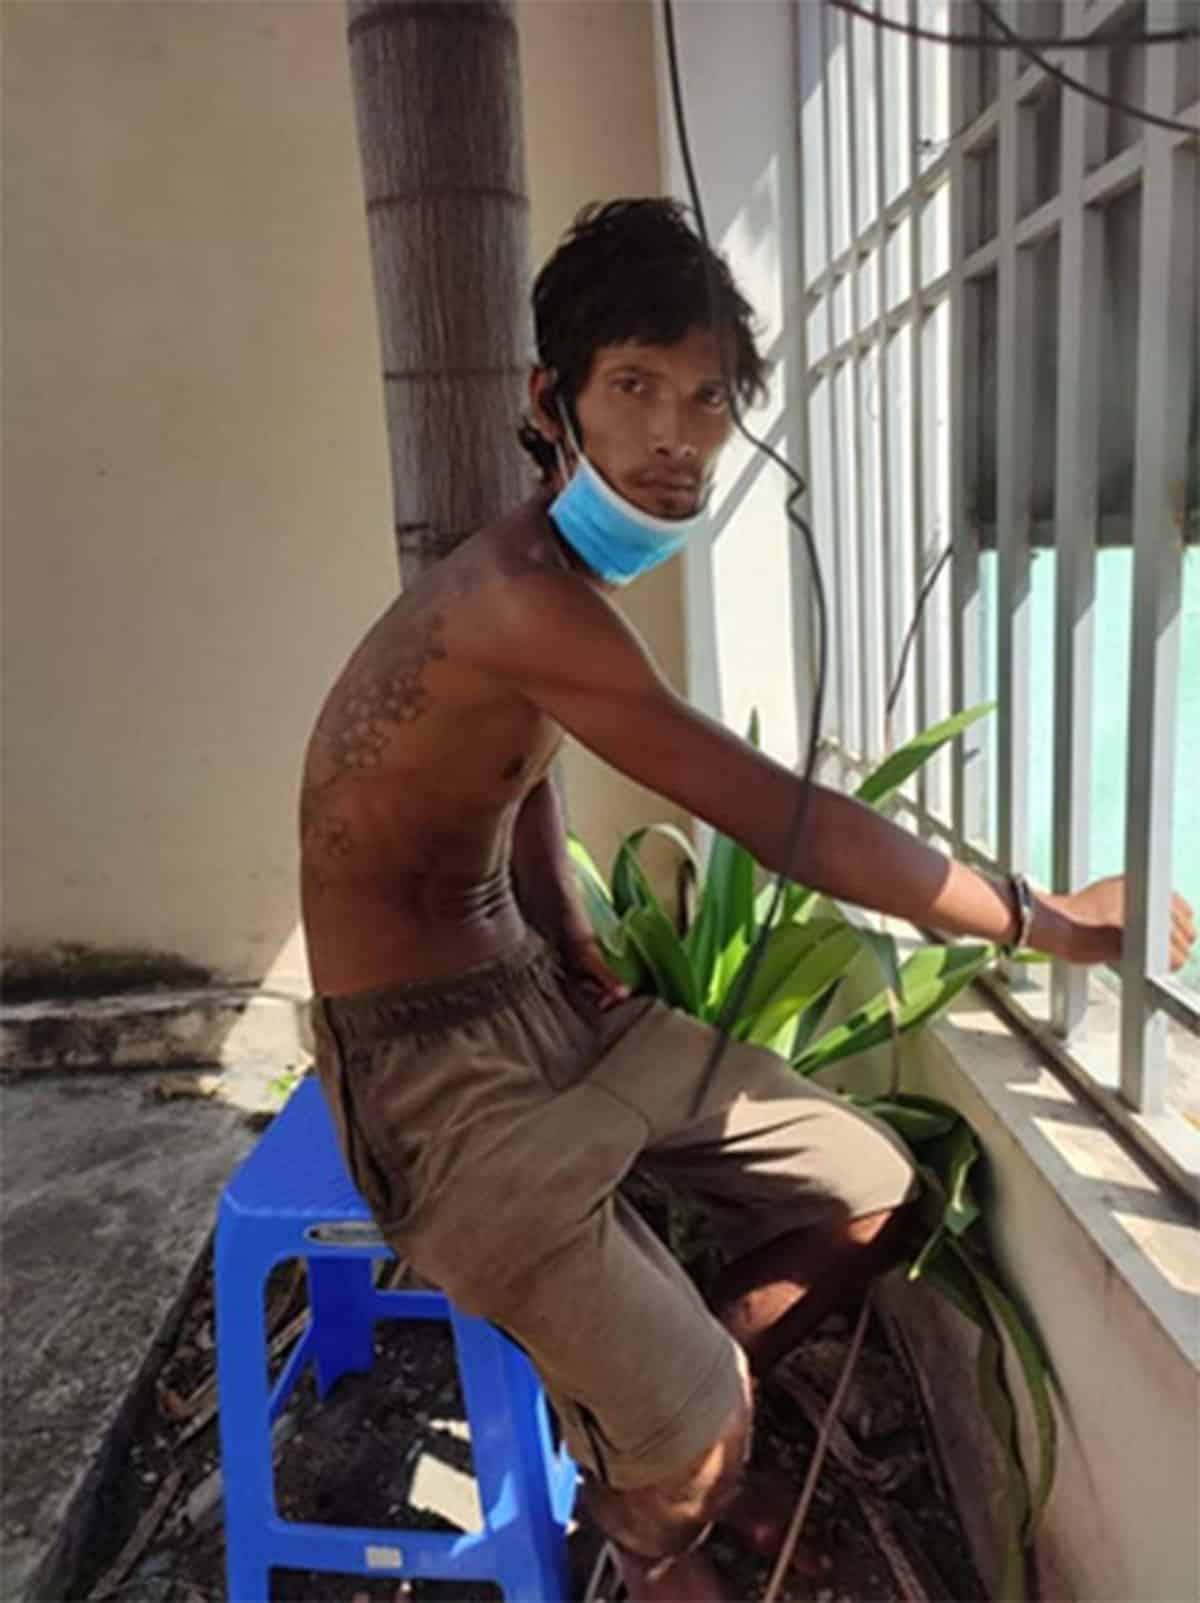 Trần Văn Bảo bị bắt giữ - Ảnh: Trần Đình/Báo Bình Thuận